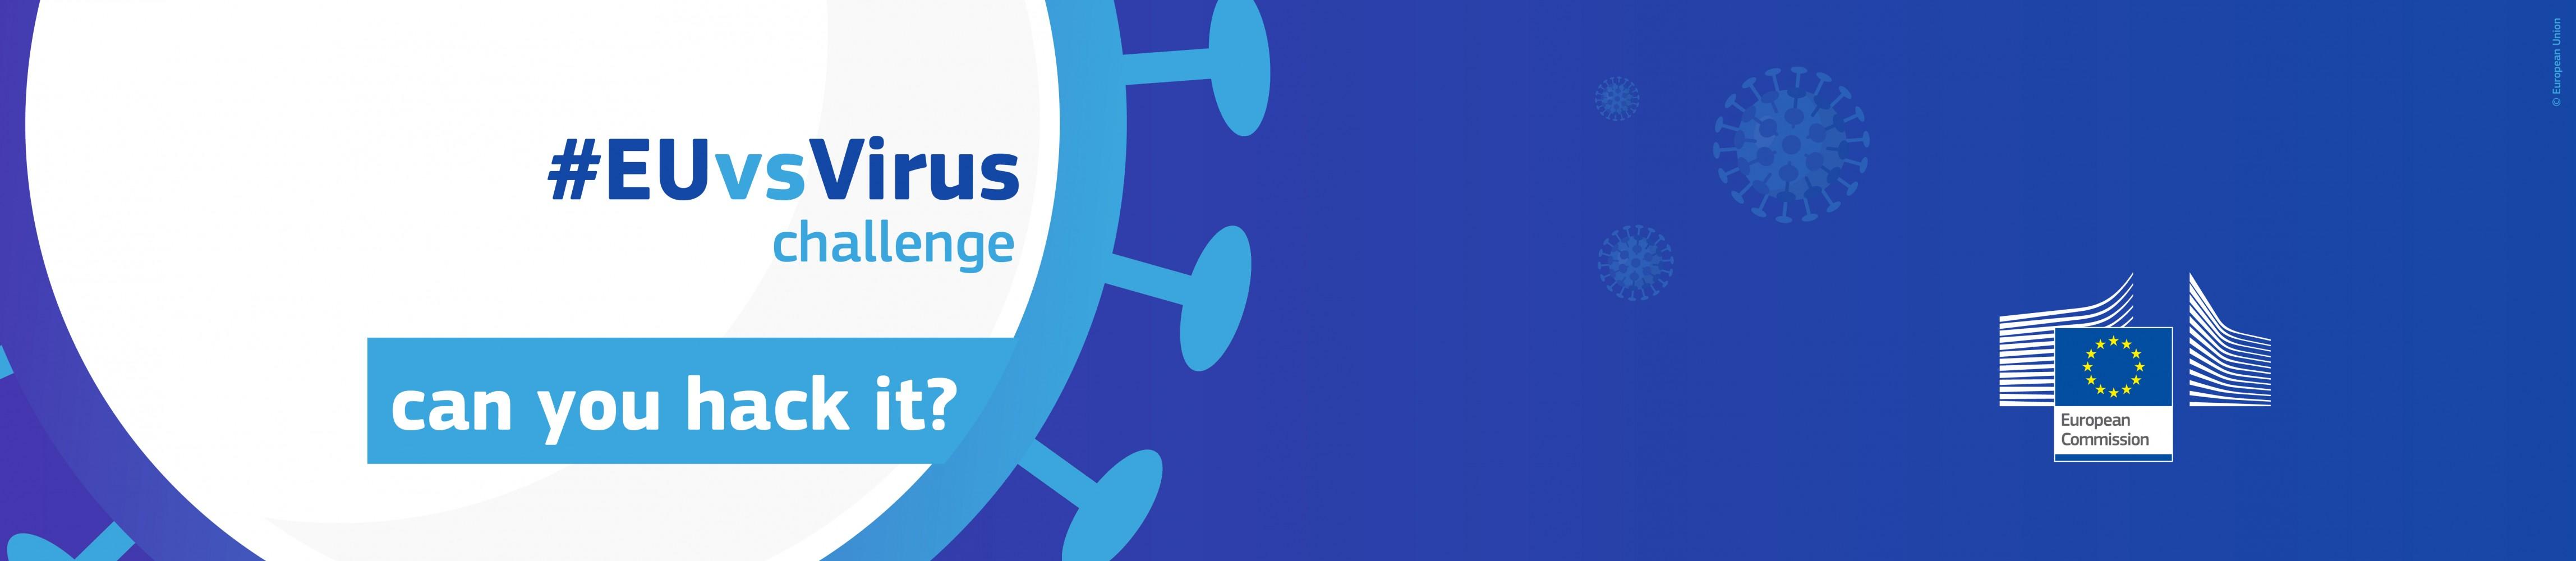 #EUvsVirus Pan European Hackaton on 24-26 April 2020!